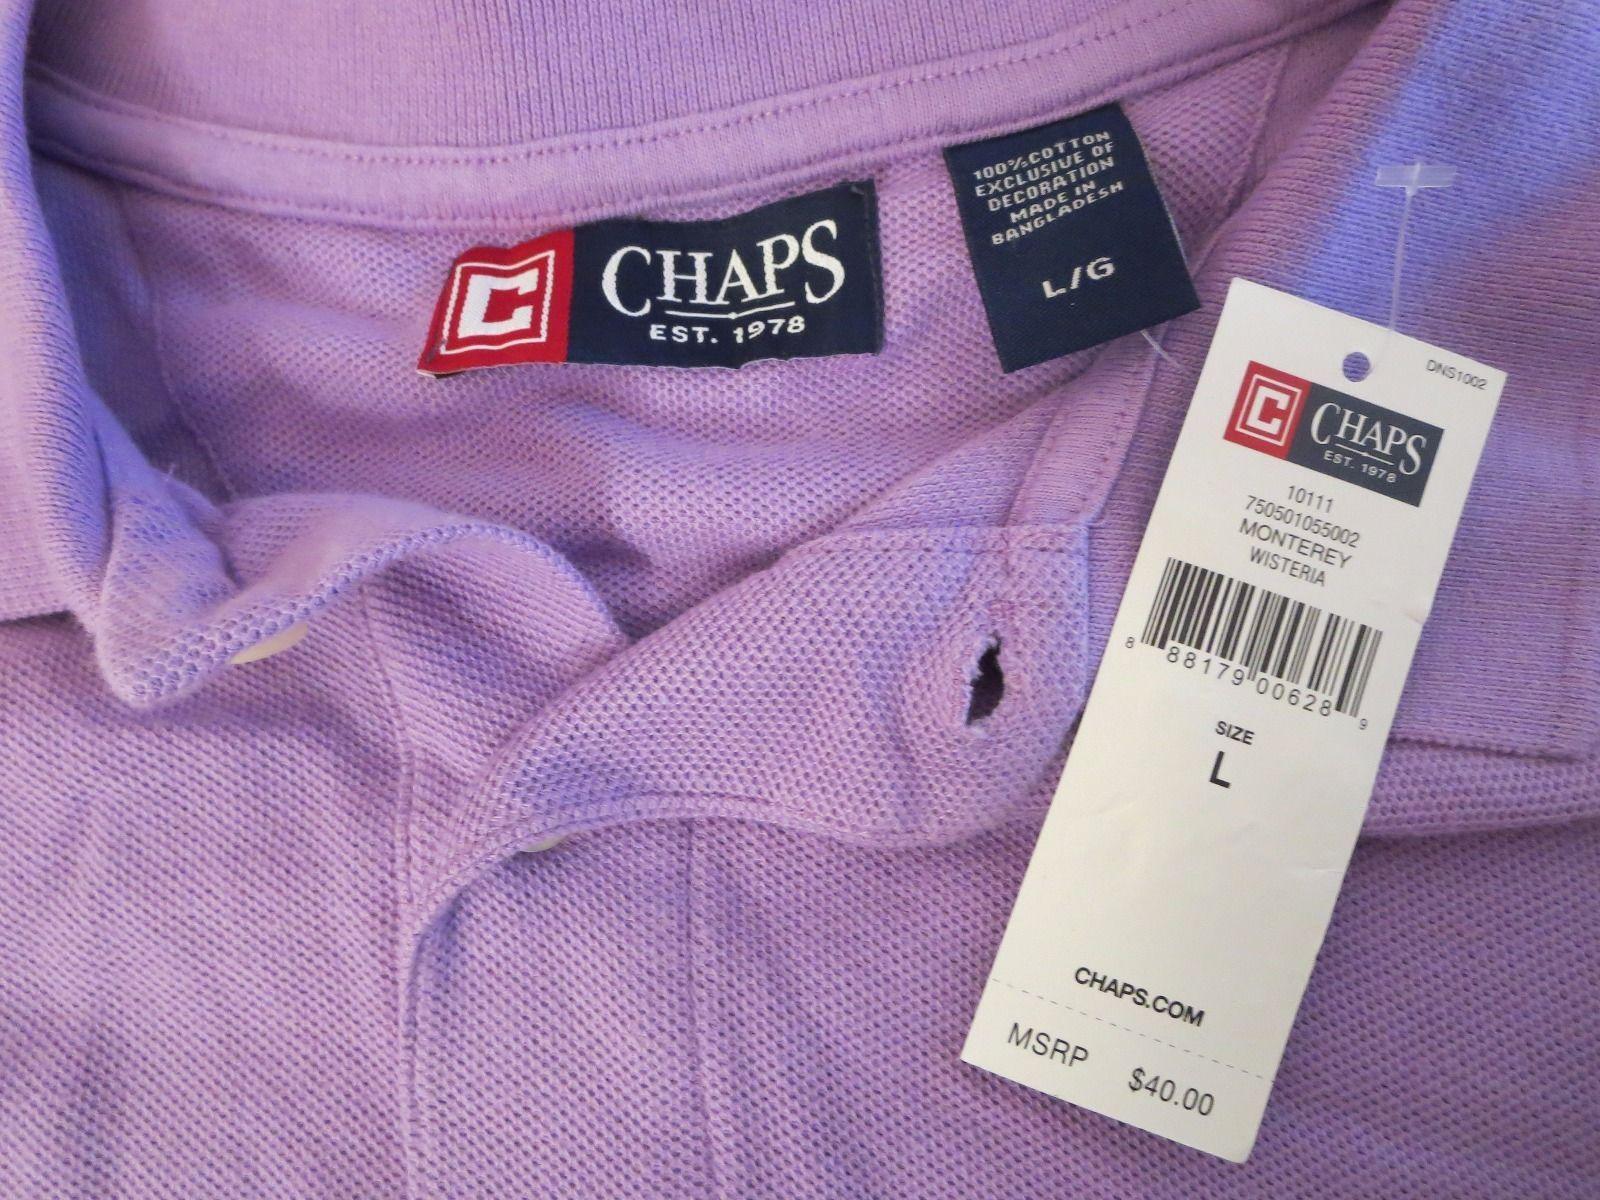 04c8ecac955 Chaps Mens Size L (Nwt $40.00) Violet Short and 47 similar items